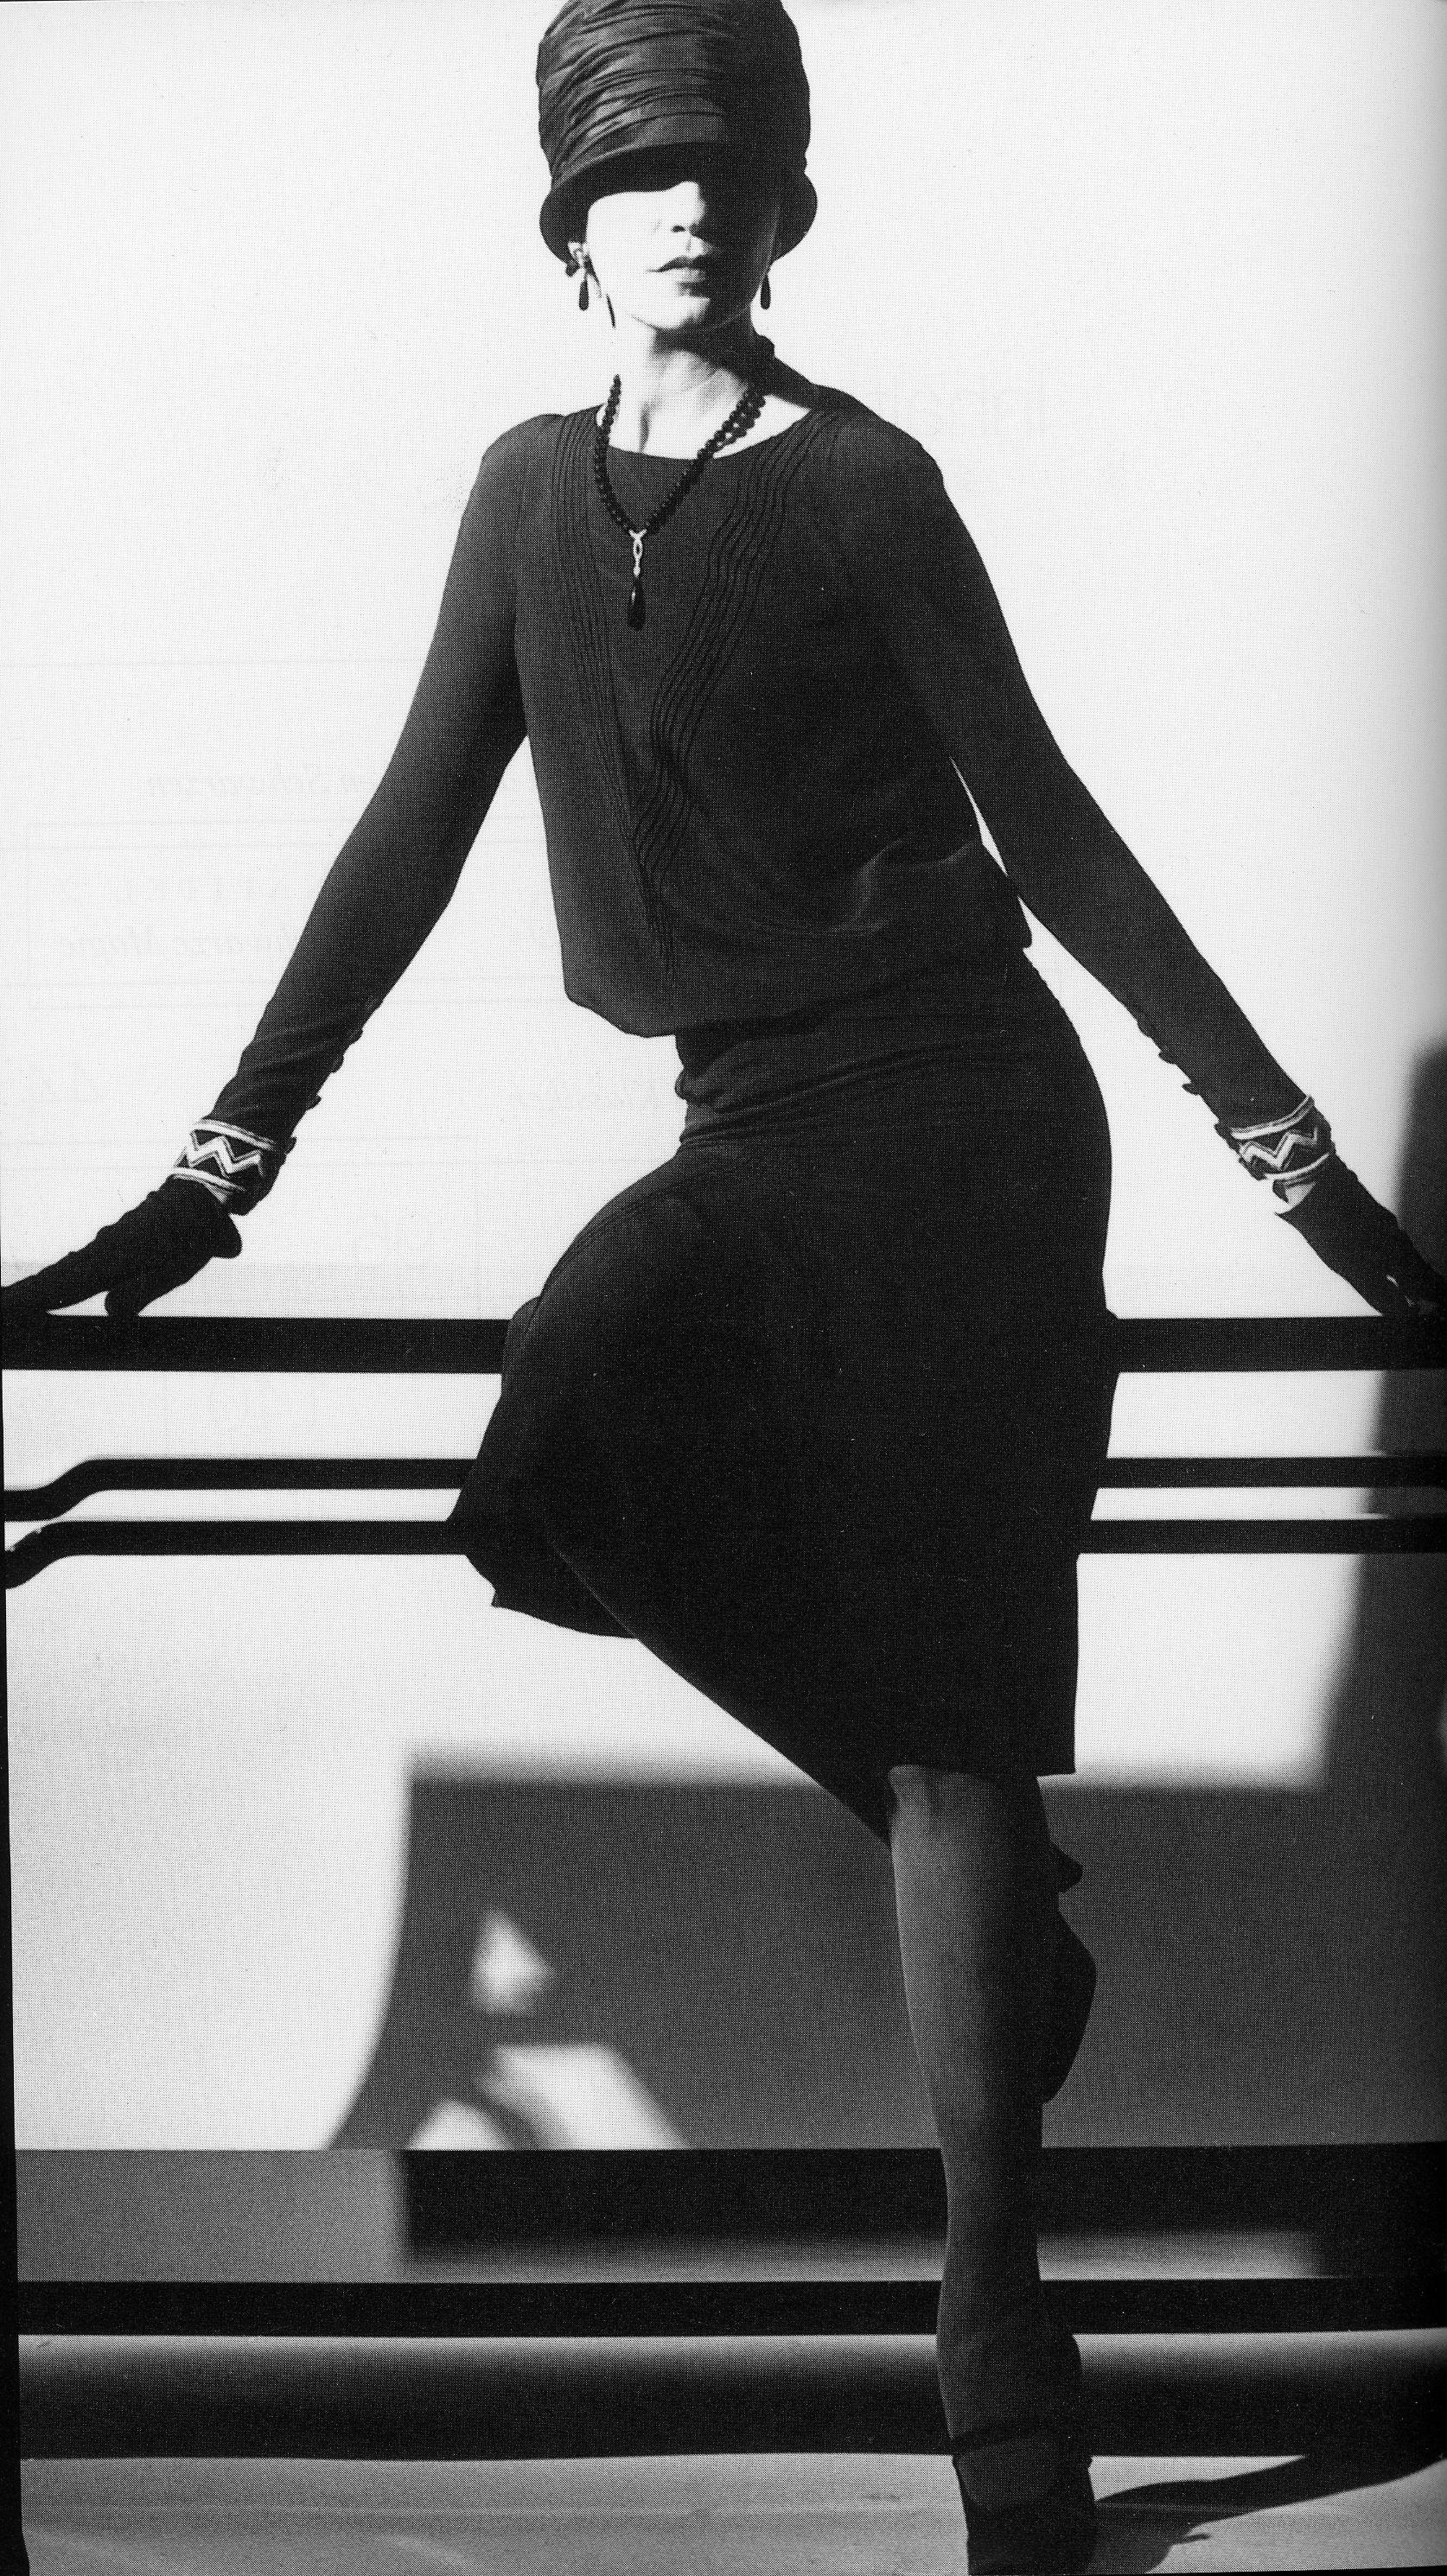 Das Kleine Schwarze DTV Amy Holman Edelman Chanels erstes kleines Schwarzes von 1926